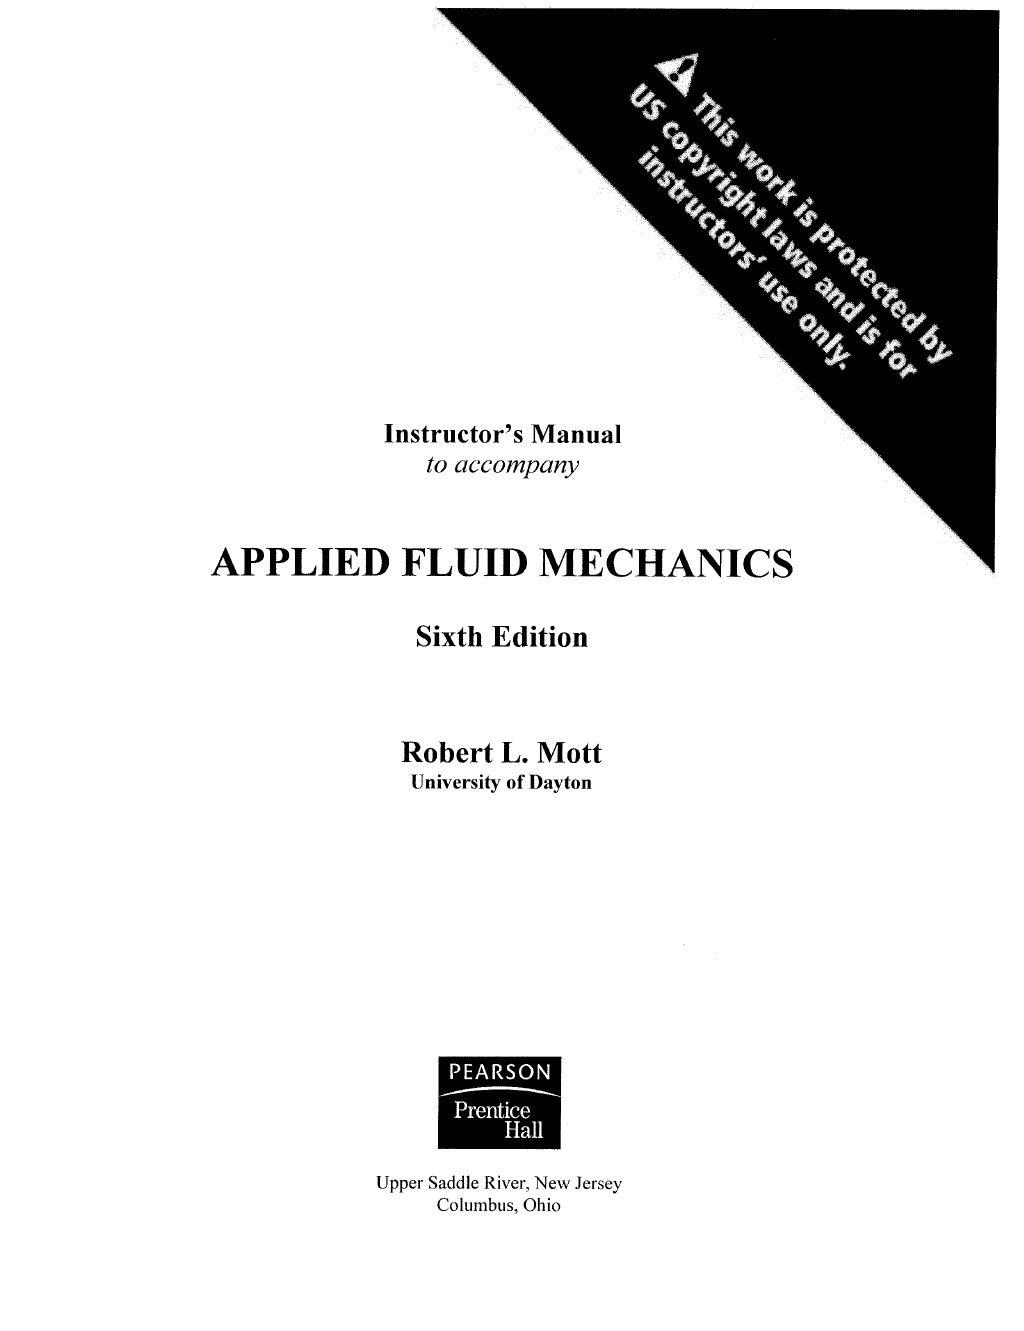 Solucionario mecanica de fluidos r. mott by jonathan via slideshare ...